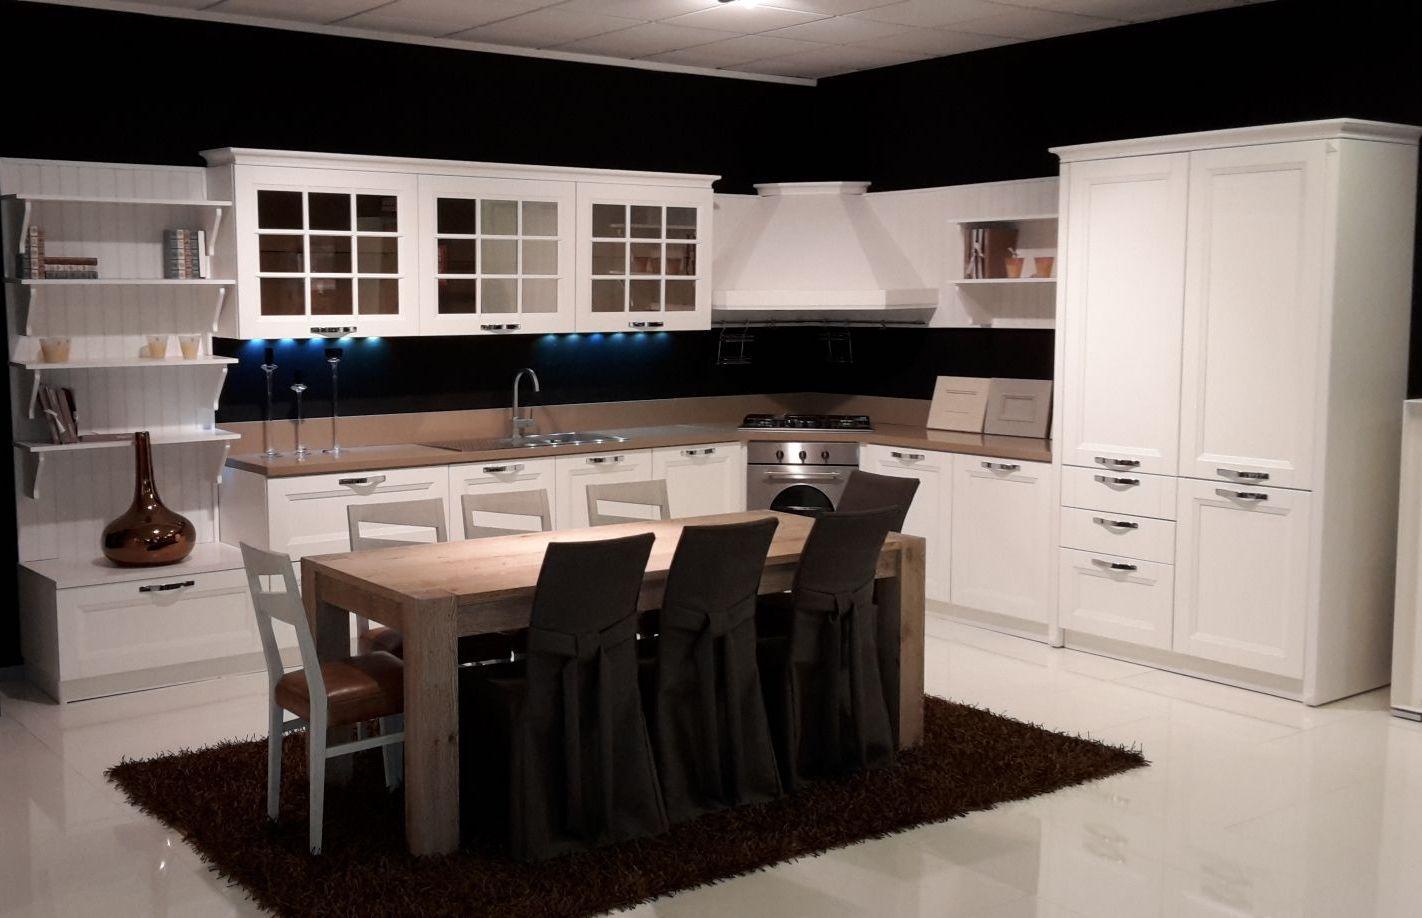 Colori Per Imbiancare Cucina. Gallery Of Casa Idee Colori E ...